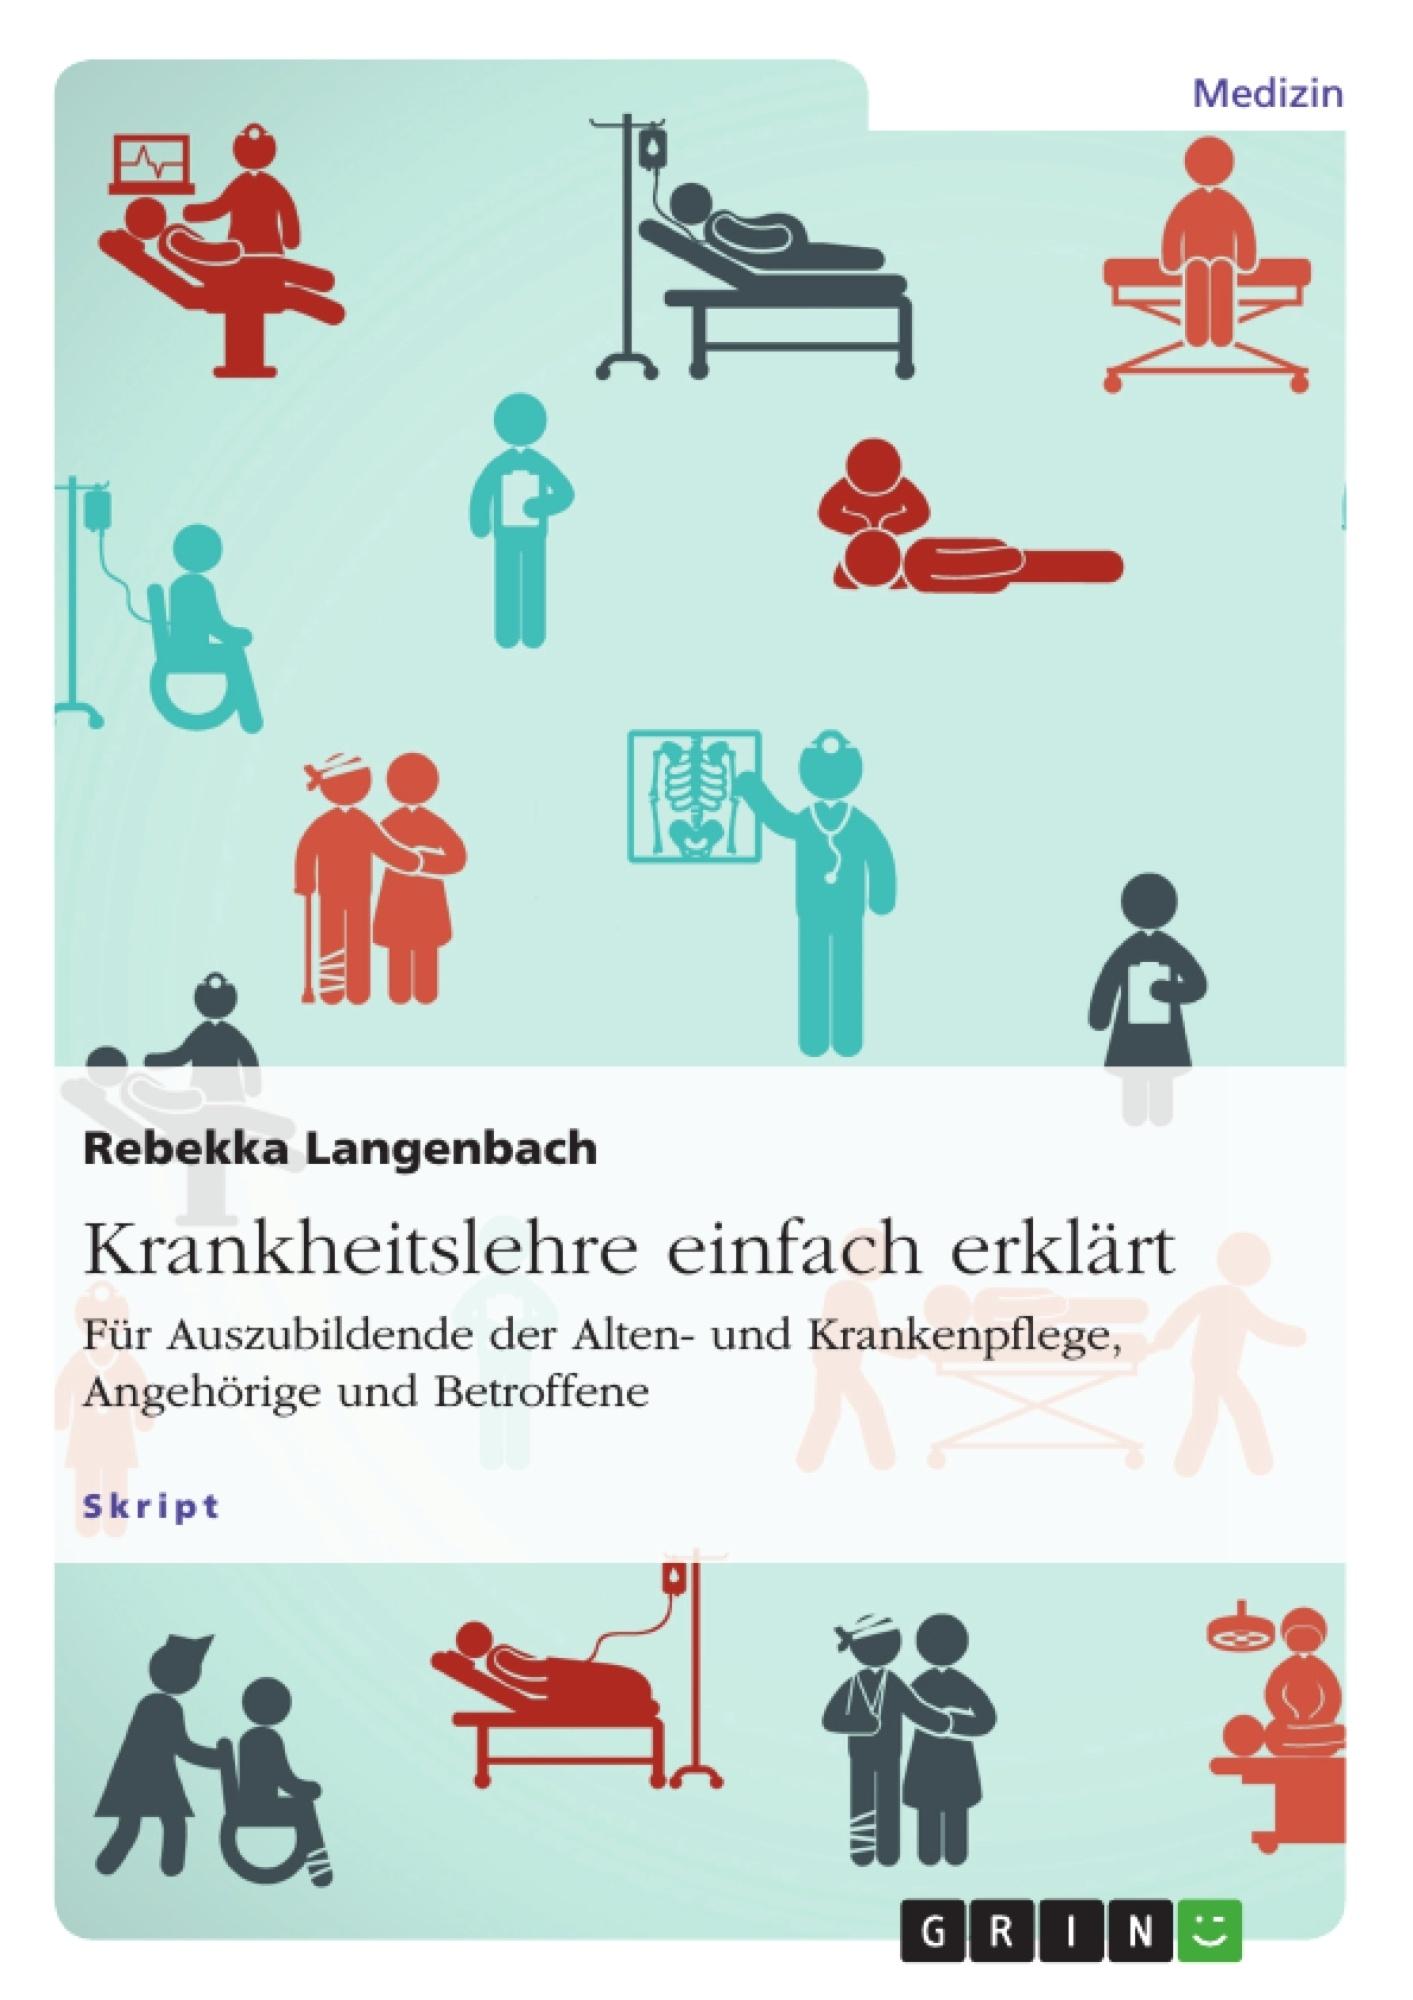 Titel: Krankheitslehre einfach erklärt. Für Auszubildende der Alten- und Krankenpflege, Angehörige und Betroffene